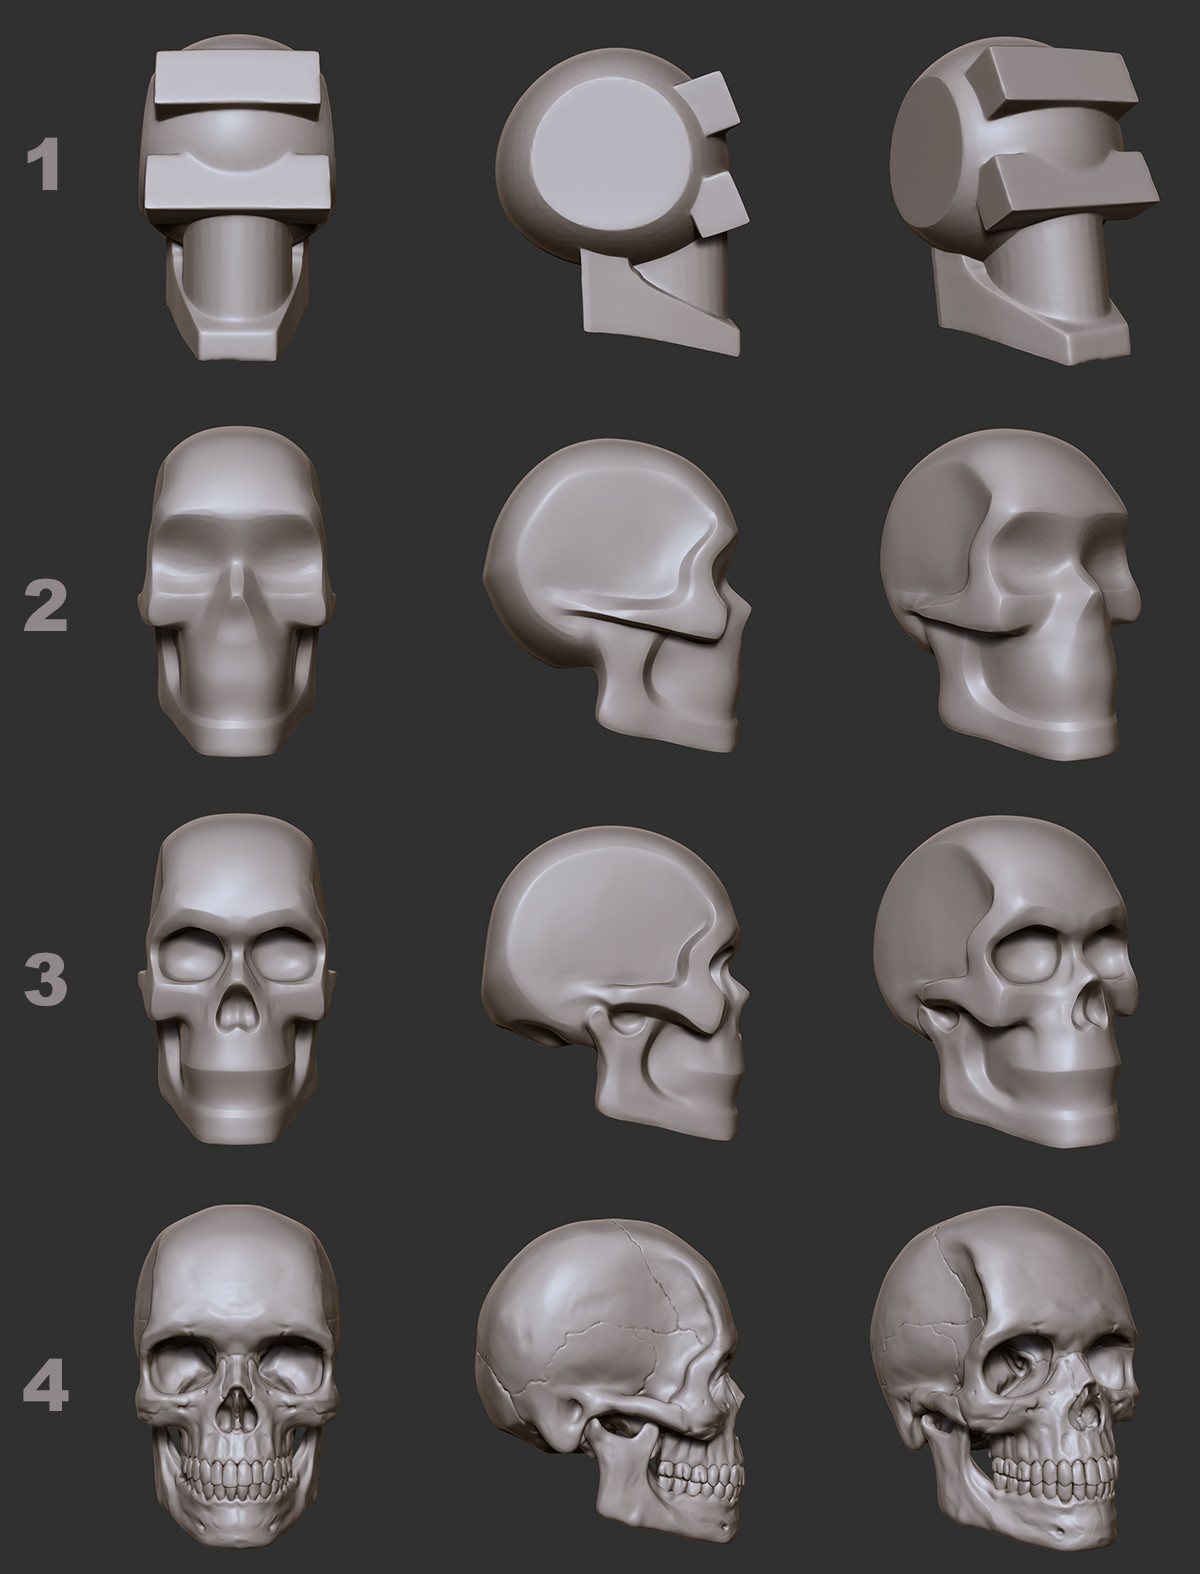 Hector moran hec skullstudysteps